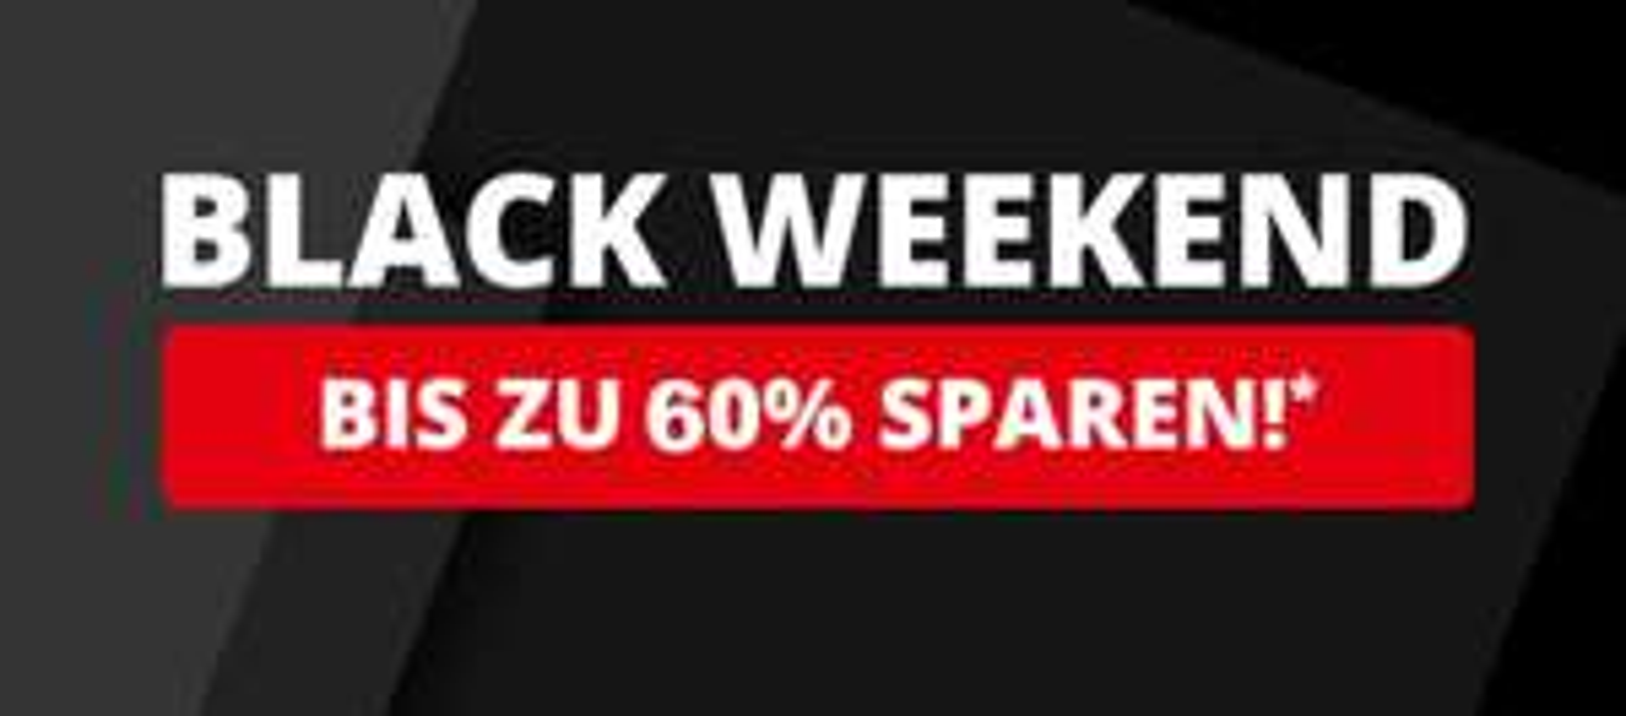 Black Weekend bei Medion - Fernseher, Monitore, Induktionskochfeld, RGB LED Leuchten uvm.